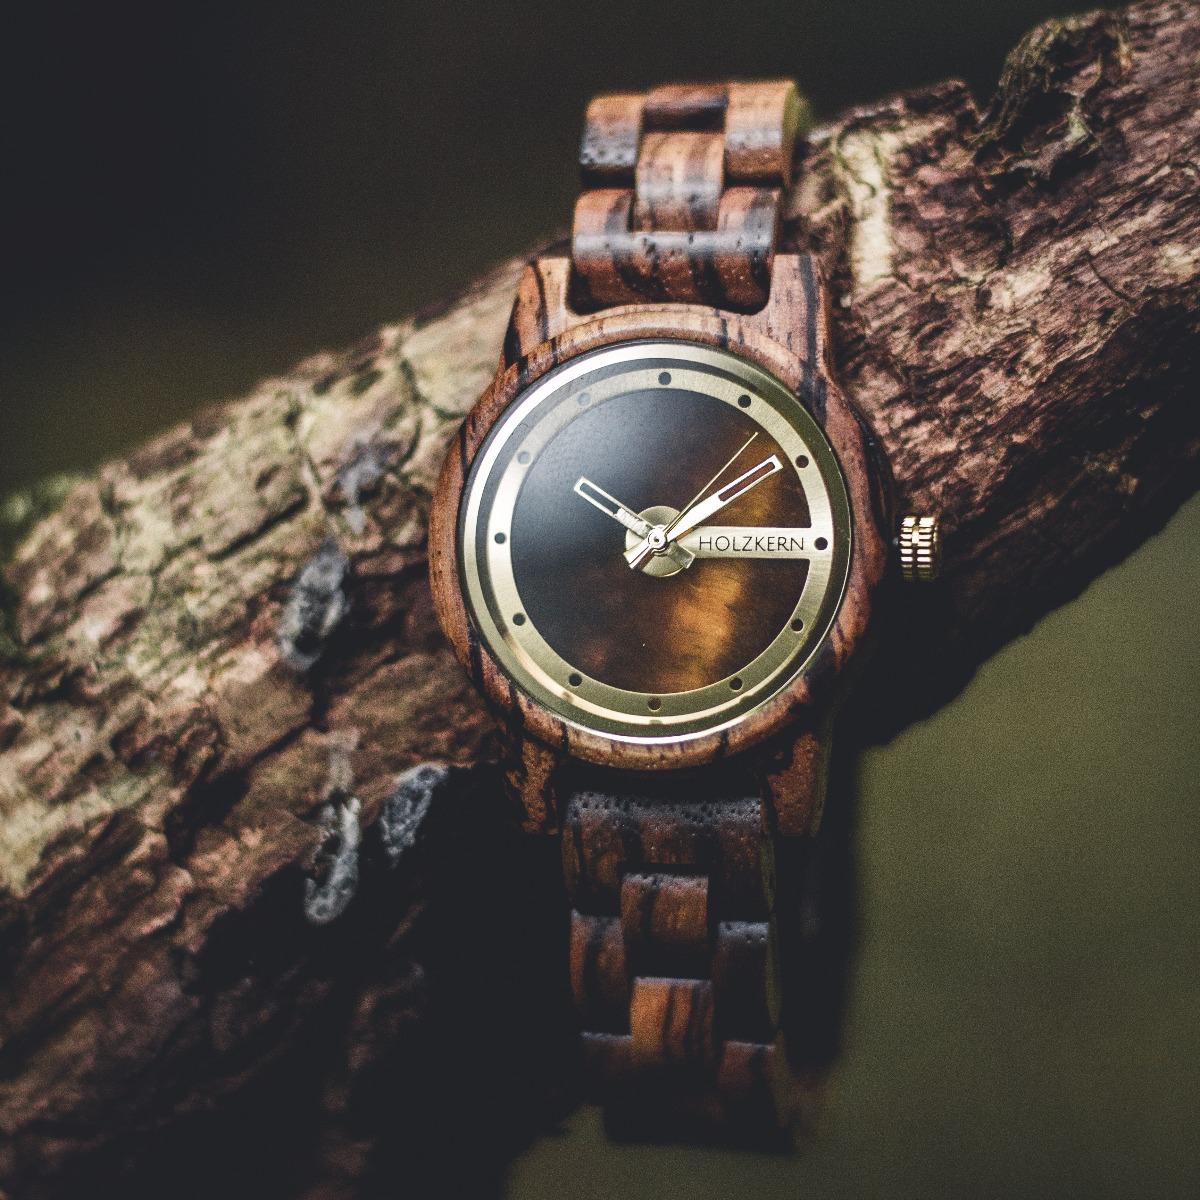 Die Holzuhr El Capitan von Holzkern hängt an einem Ast und schillert im Sonnenlicht durch das Ziffernblatt aus echtem Tigerauge